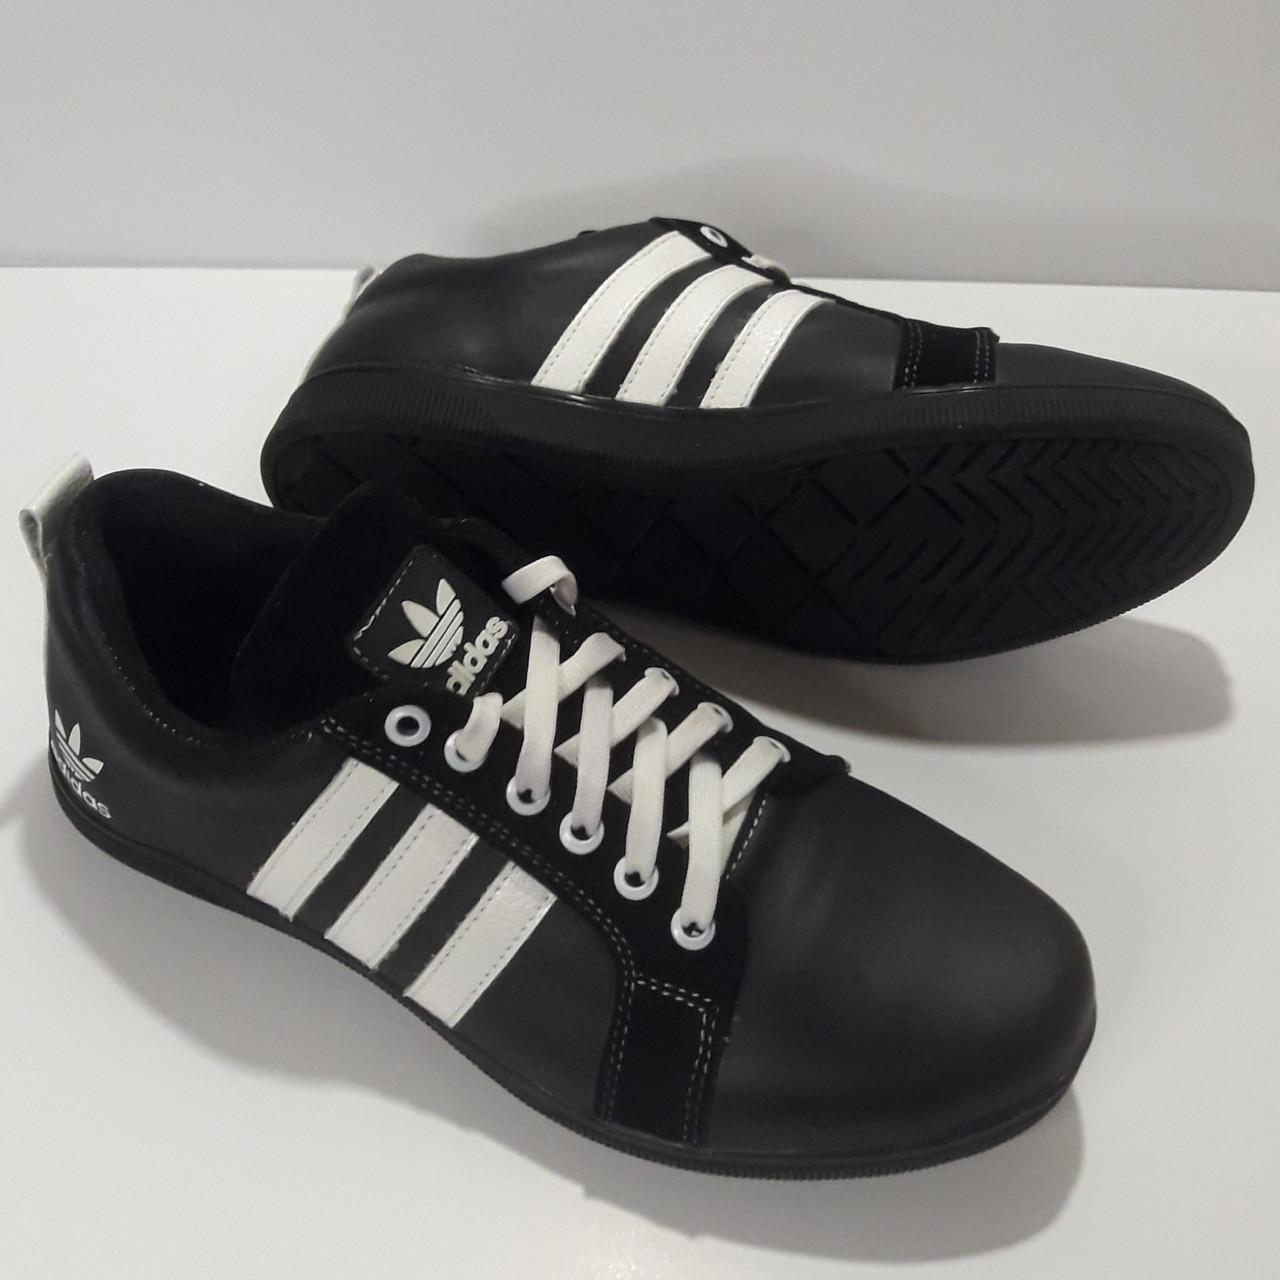 Кроссовки Adidas р.45 кожа Харьков чёрные